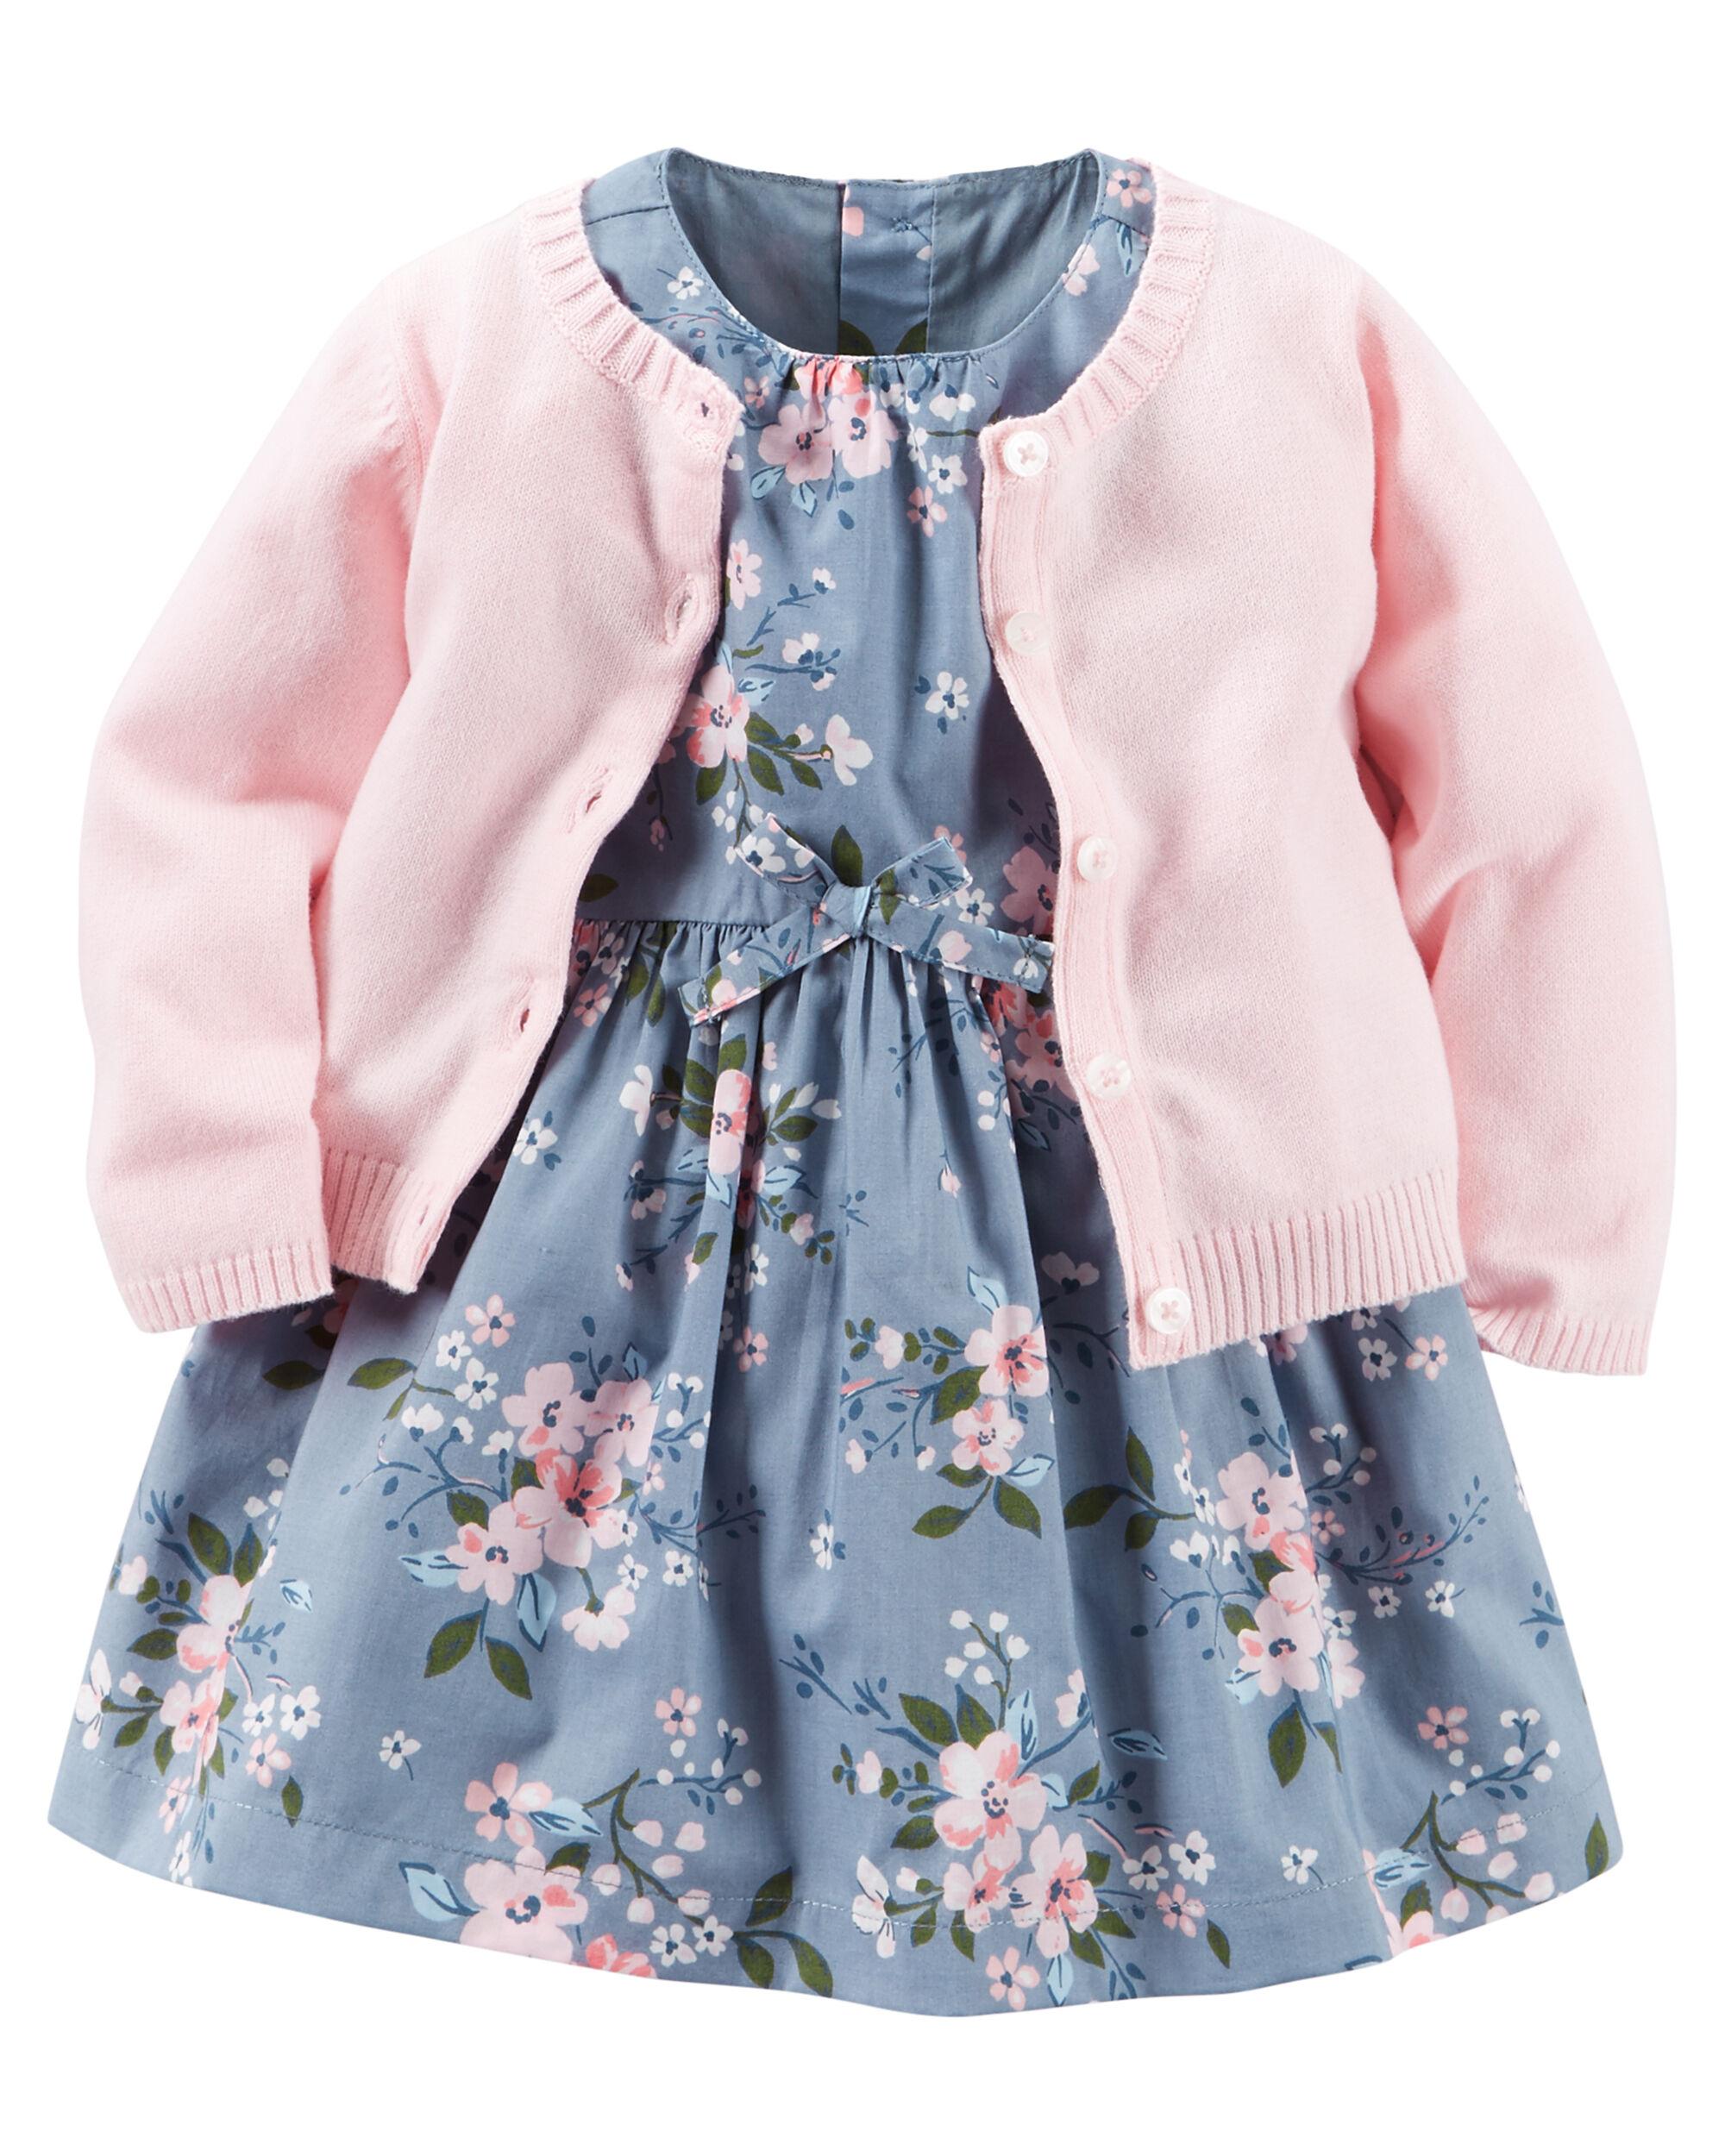 2 Piece Poplin Dress Amp Sweater Set Carters Com